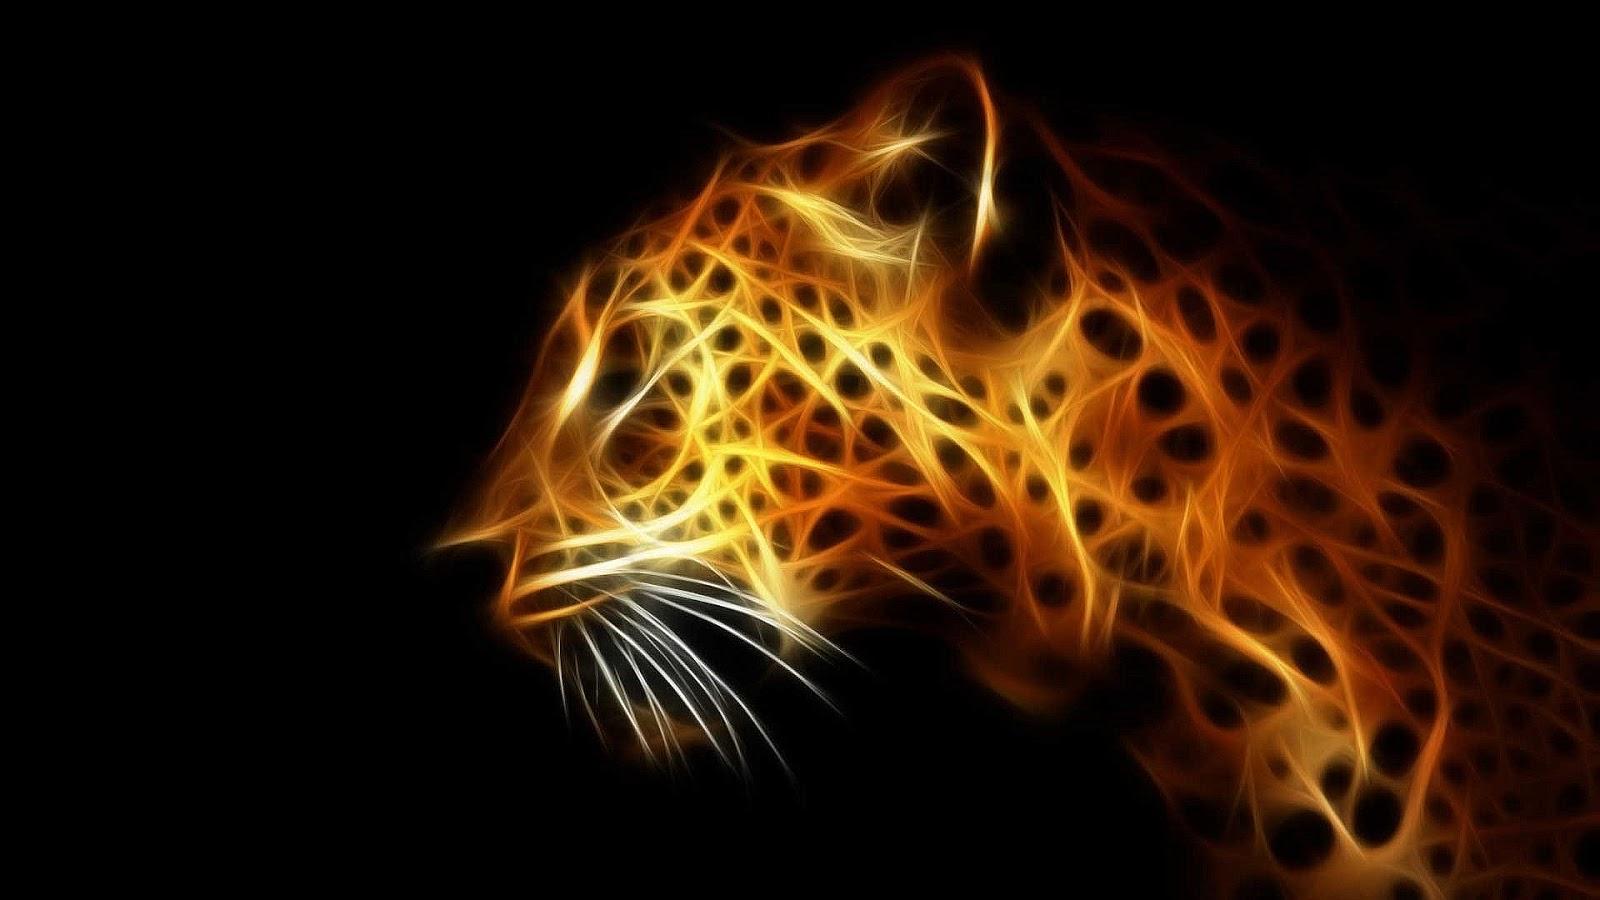 Digital Leopard Art Wallpapers: Papel De Parede Felinos Variados 1920×1080 HD